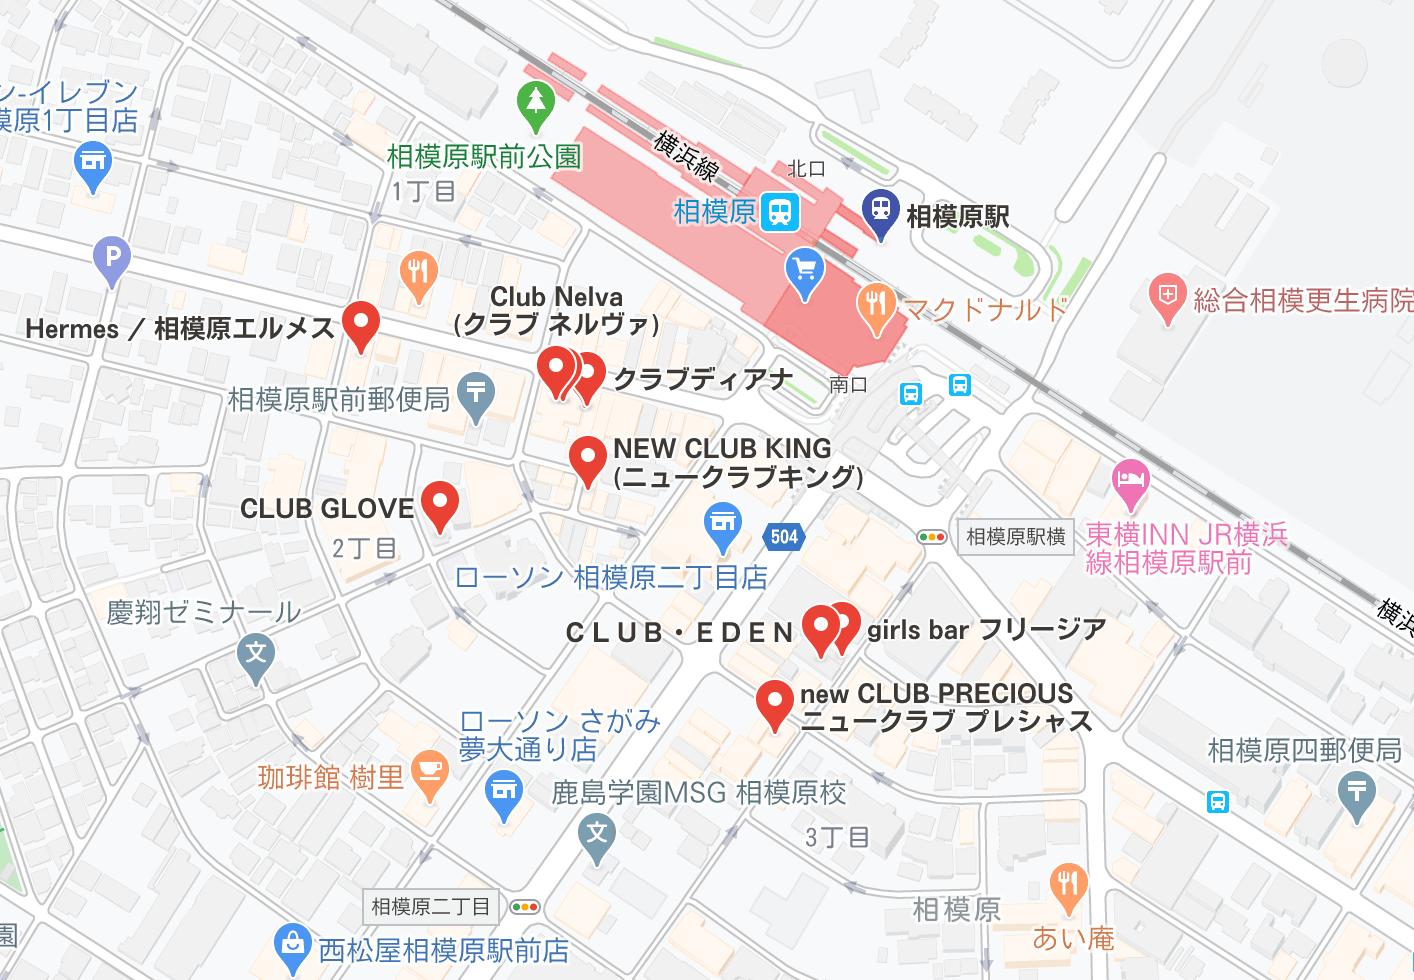 相模原駅 キャバクラ